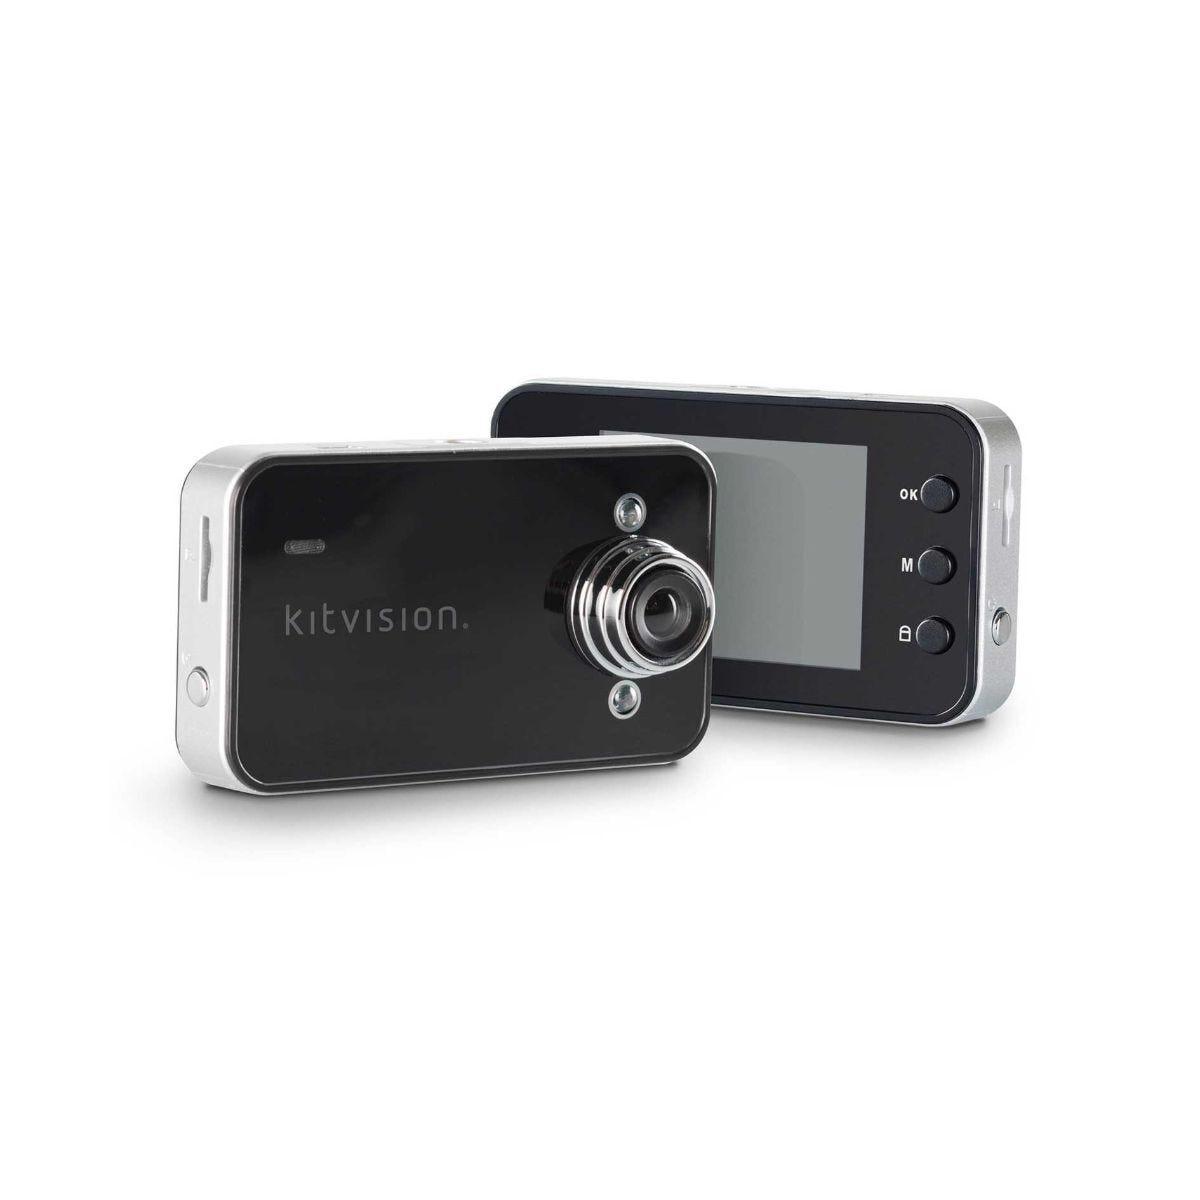 Kitvision KVDASHCAM 720p HD Dash Camera